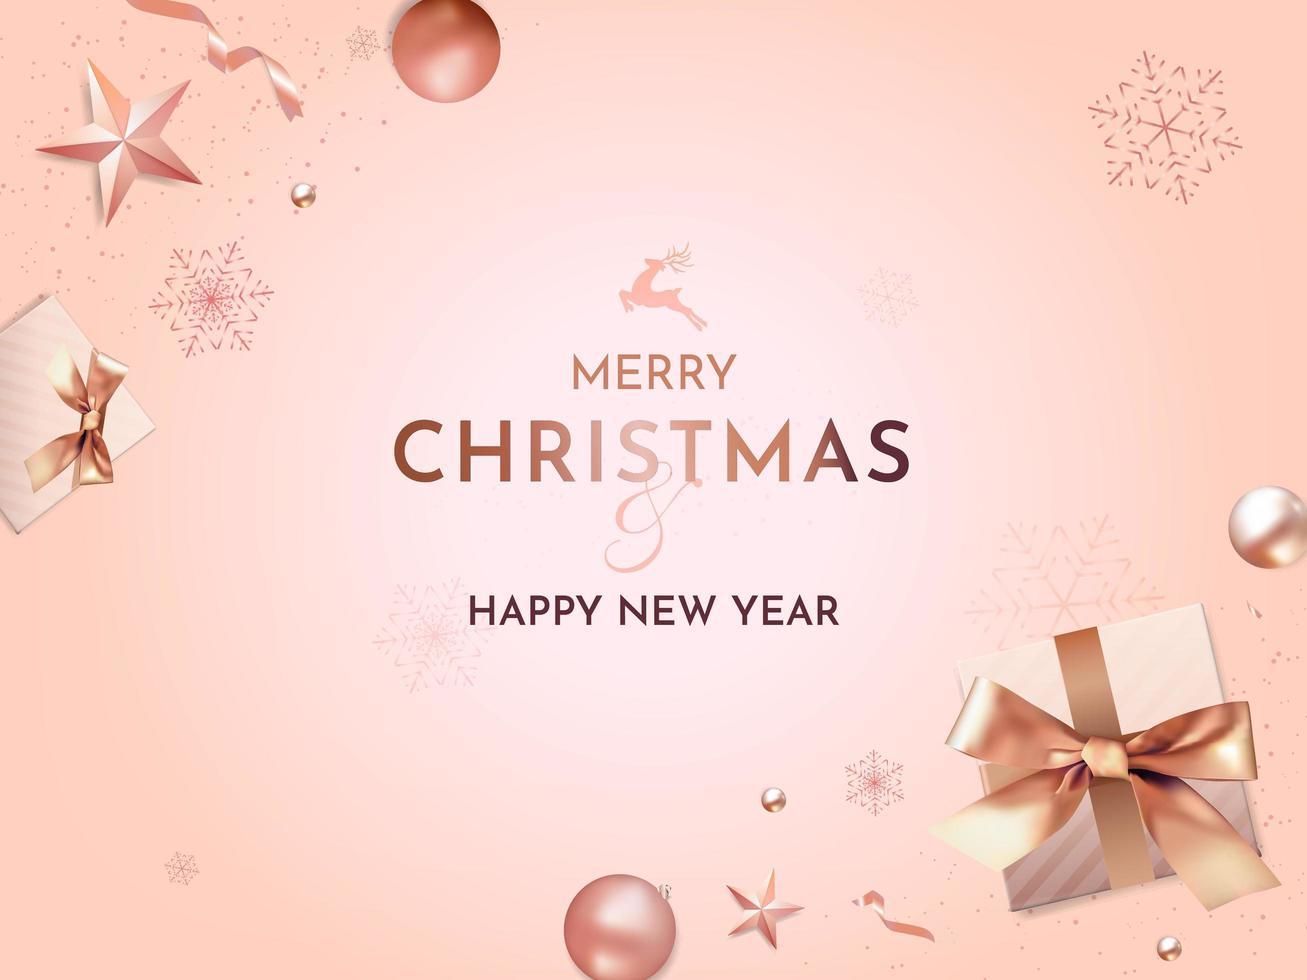 voeux de Noël et du nouvel an avec des décorations de Noël réalistes vecteur